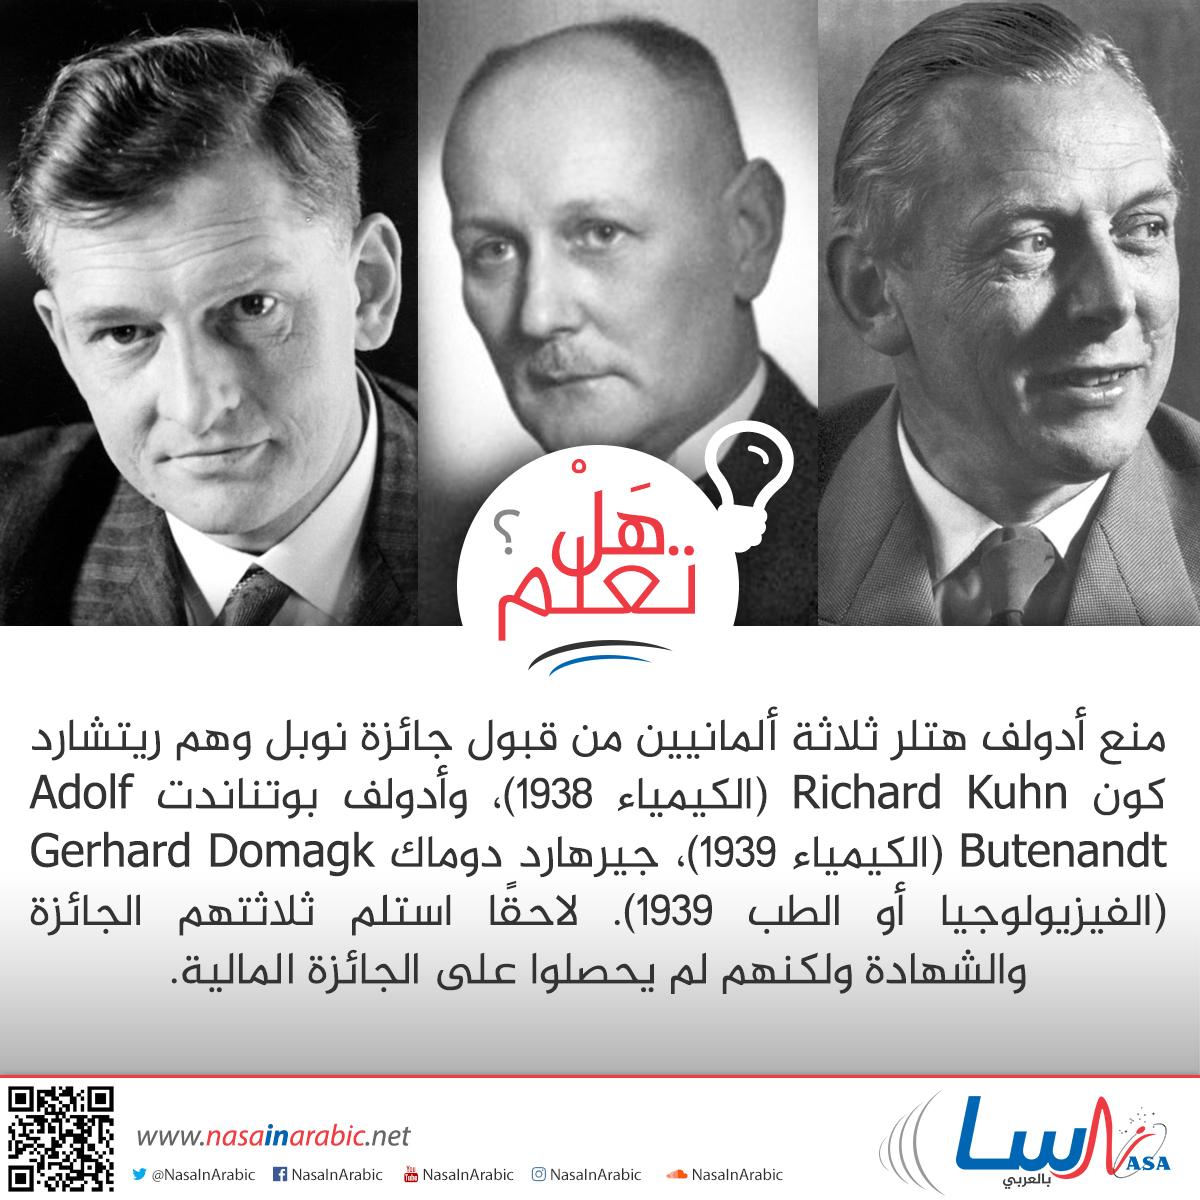 حقائق عن العلماء الثلاثة: ريتشارد كون وأدولف بوتناندت وجيرهارد دوماك